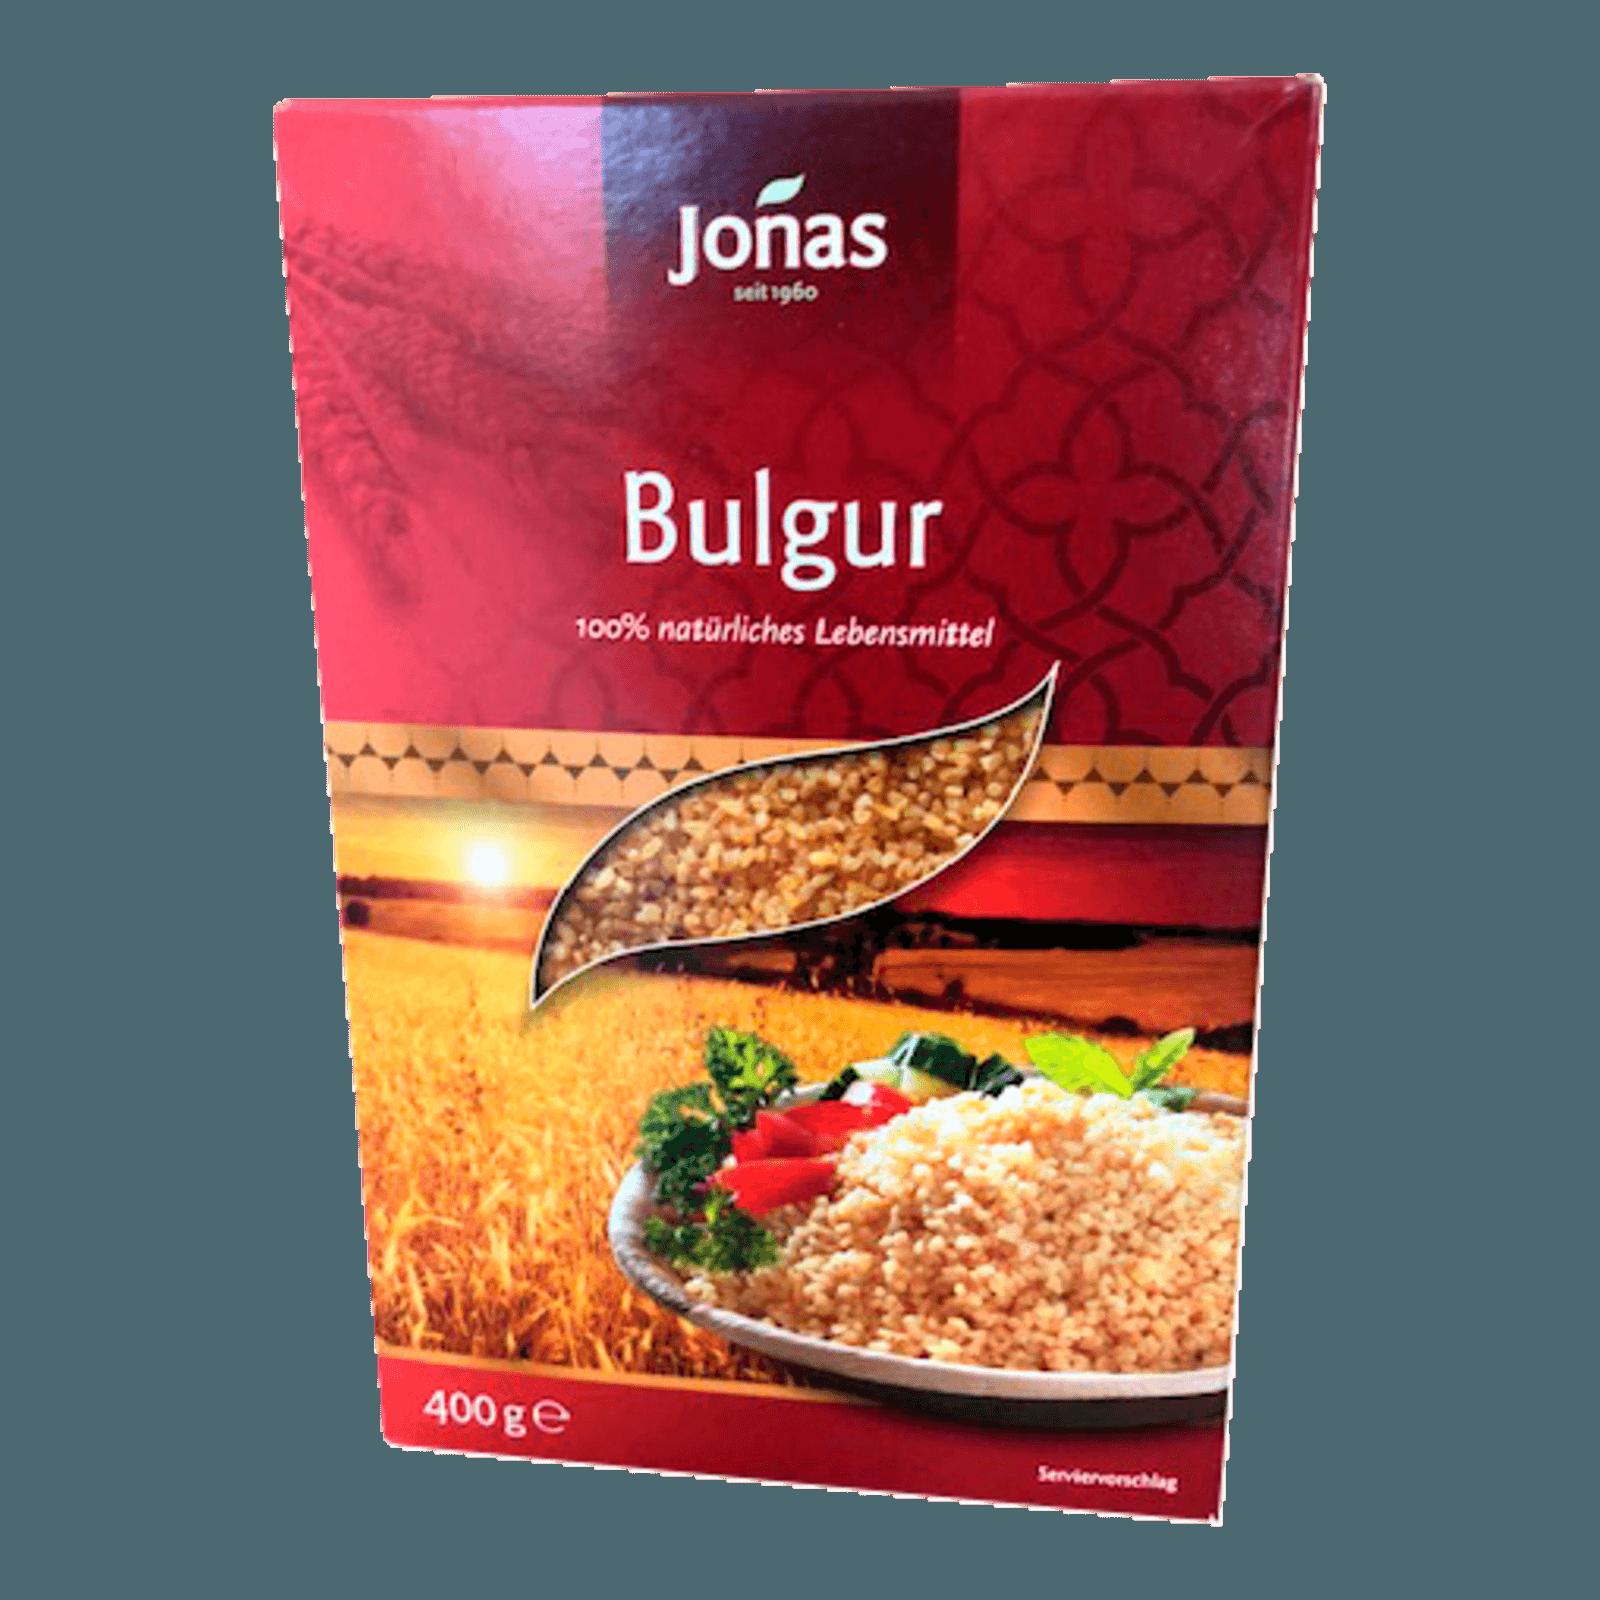 Jonas Bulgur 400g